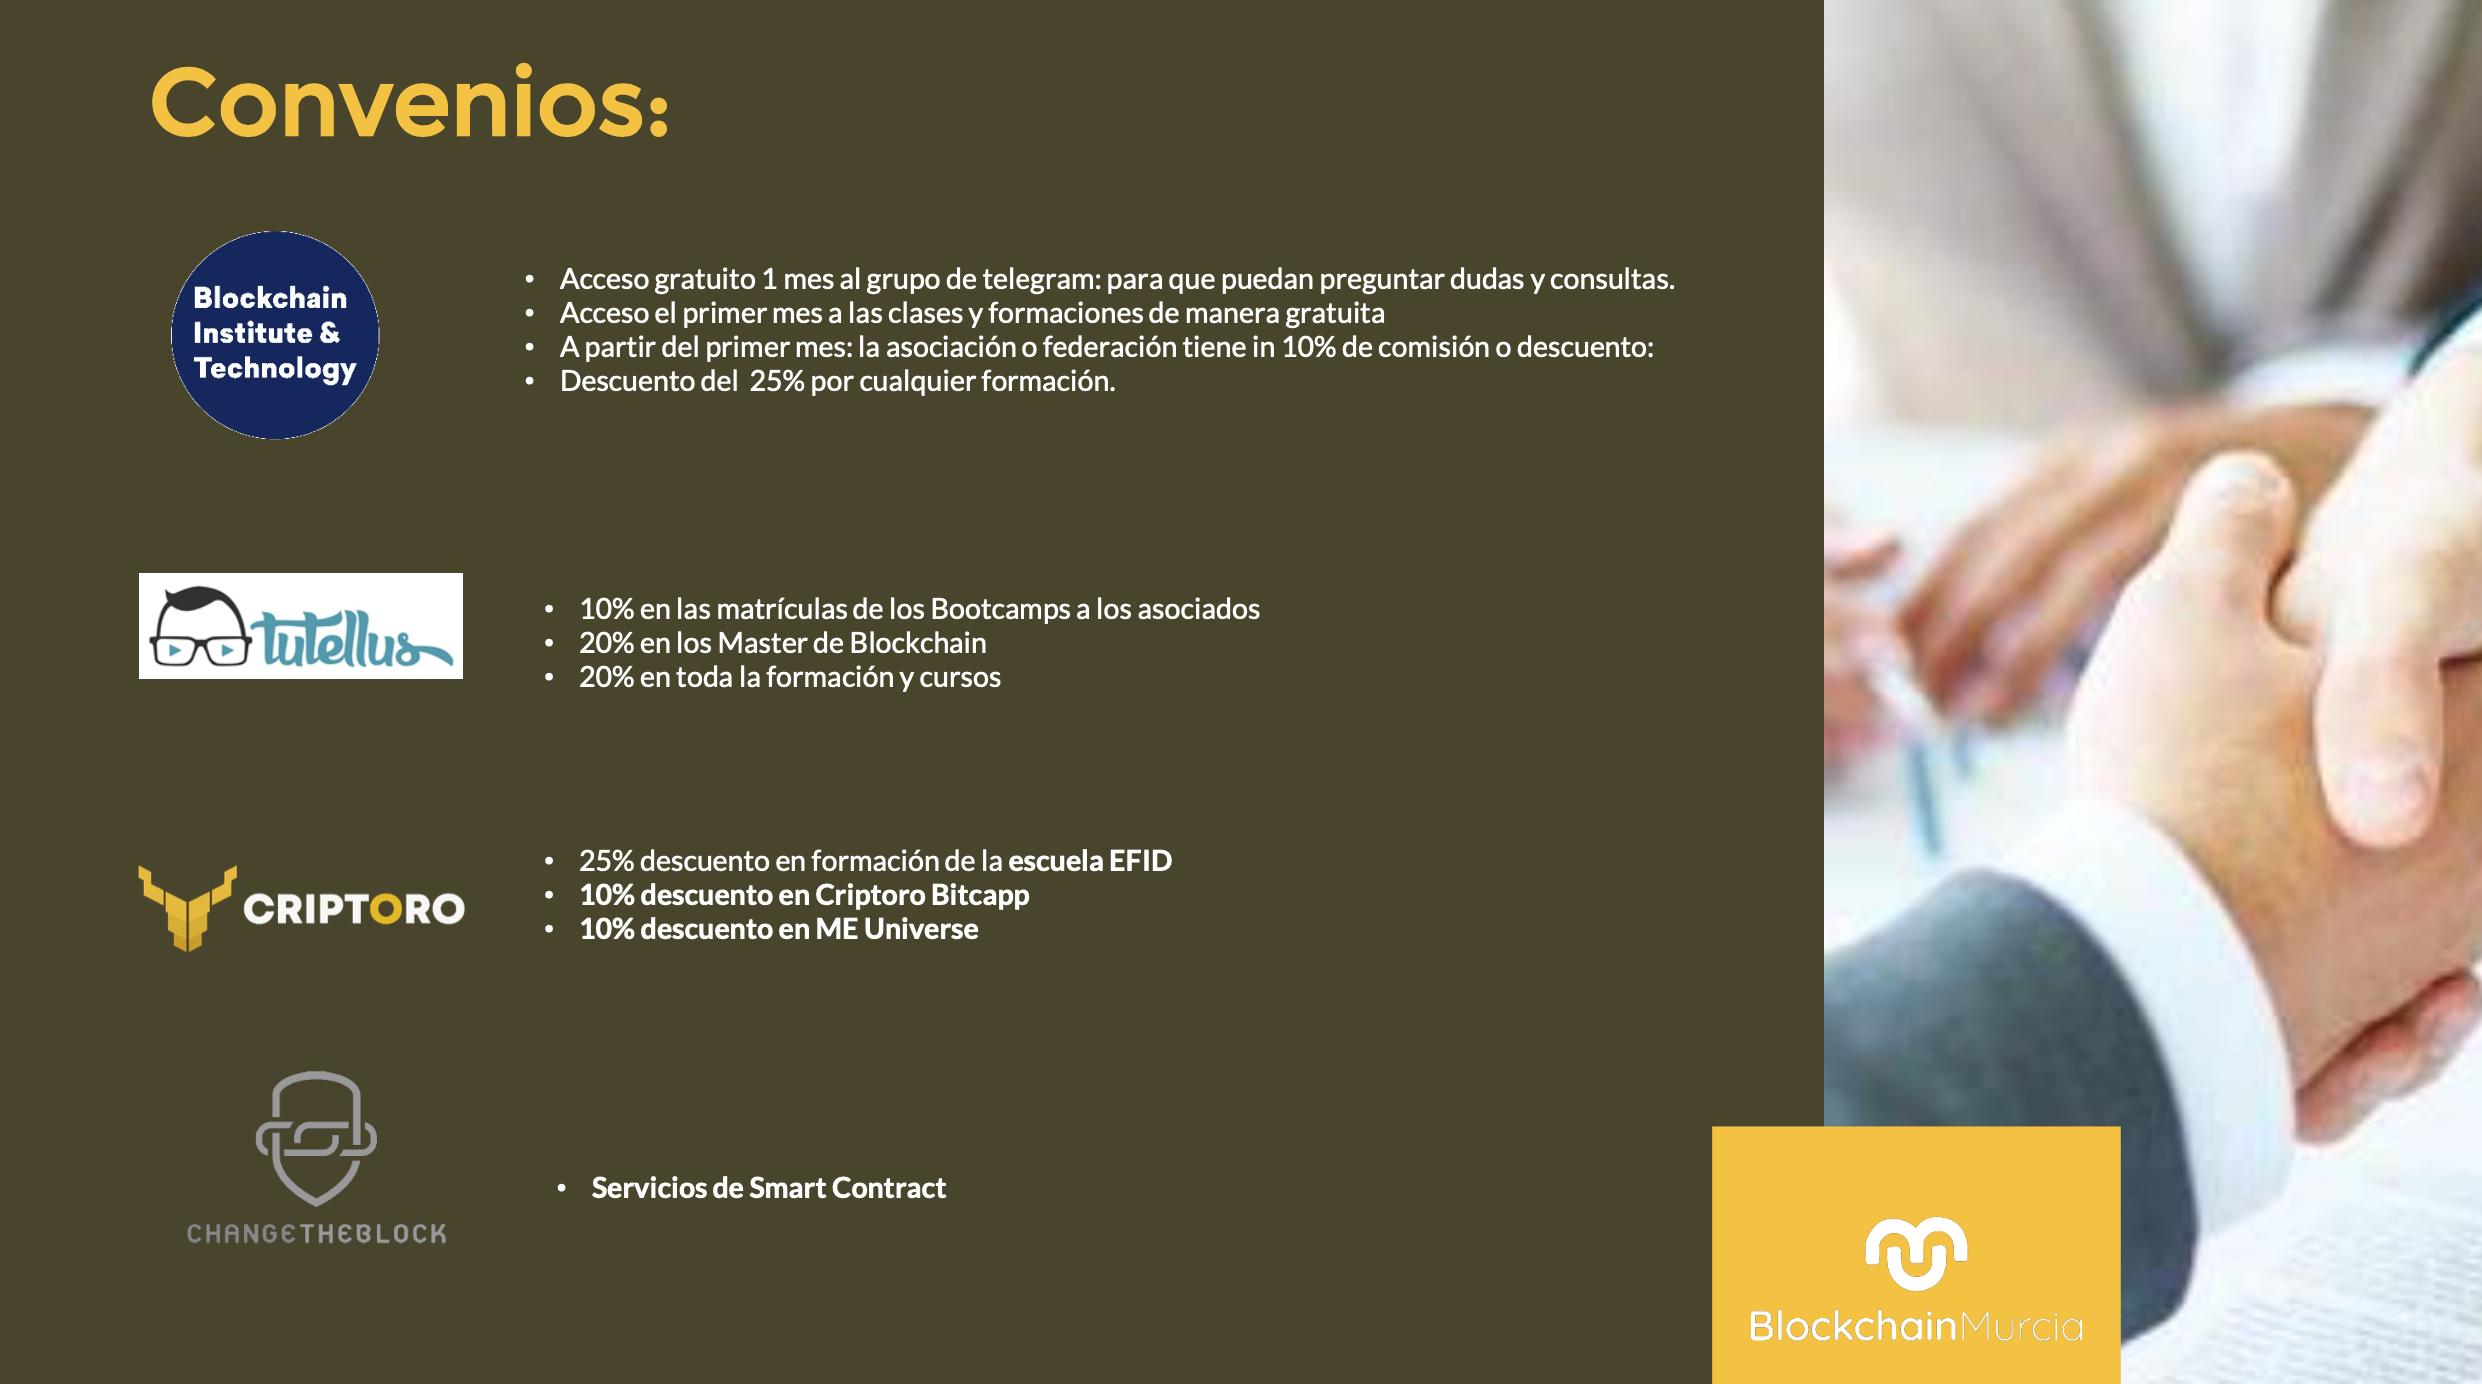 CONVENIOS DE BLOCKCHAIN MURCIA CON OTRAS ENTIDADES Y EMPRESAS